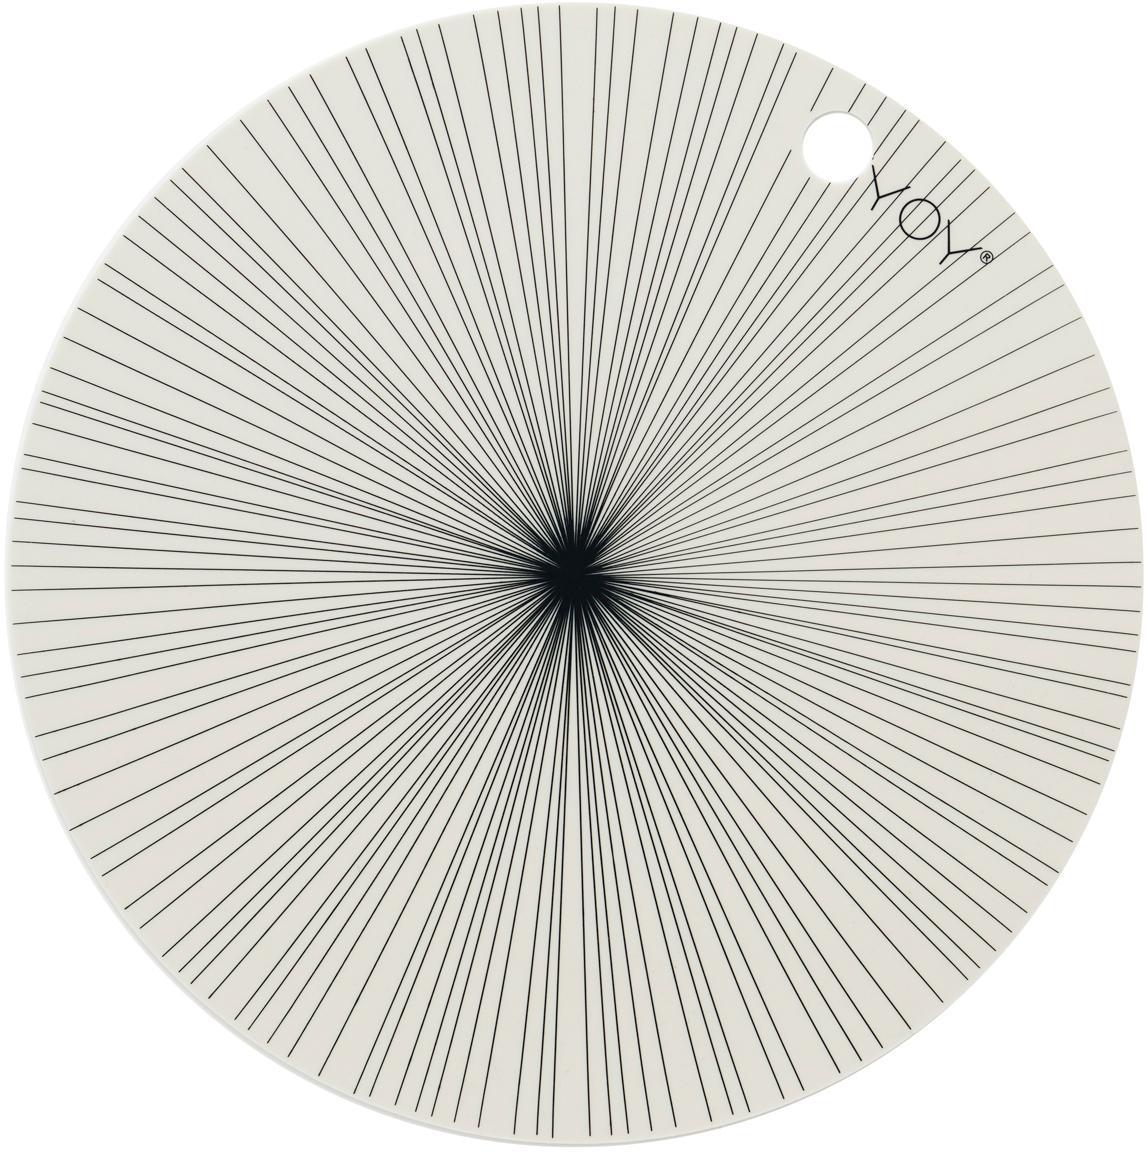 Ronde placemats Ray, 2 stuks, Siliconen, Gebroken wit, zwart, Ø 39 cm